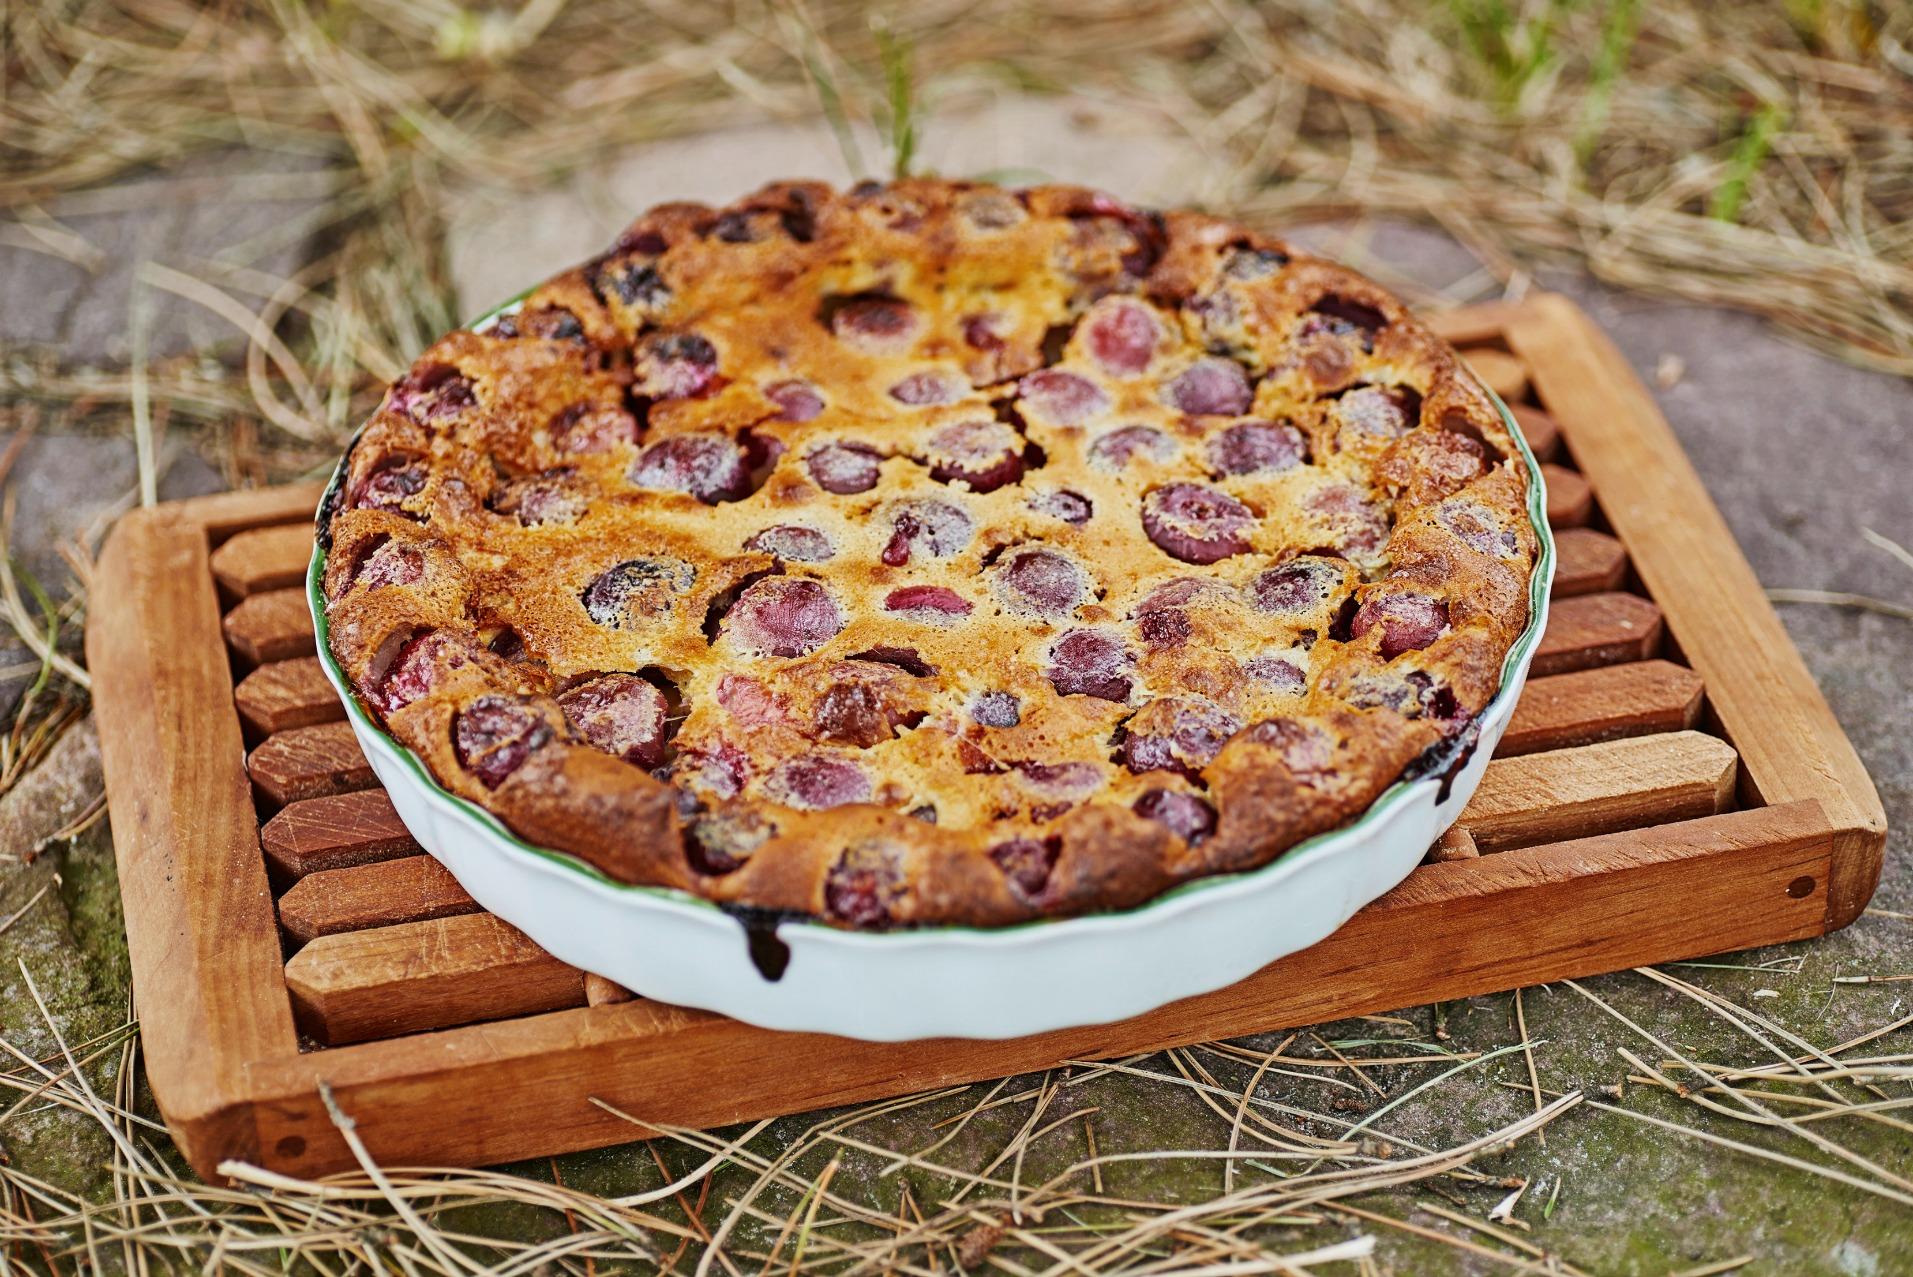 -Annicks kirsebærclafoutis brøndum, kirsebærtærte, clafoutis